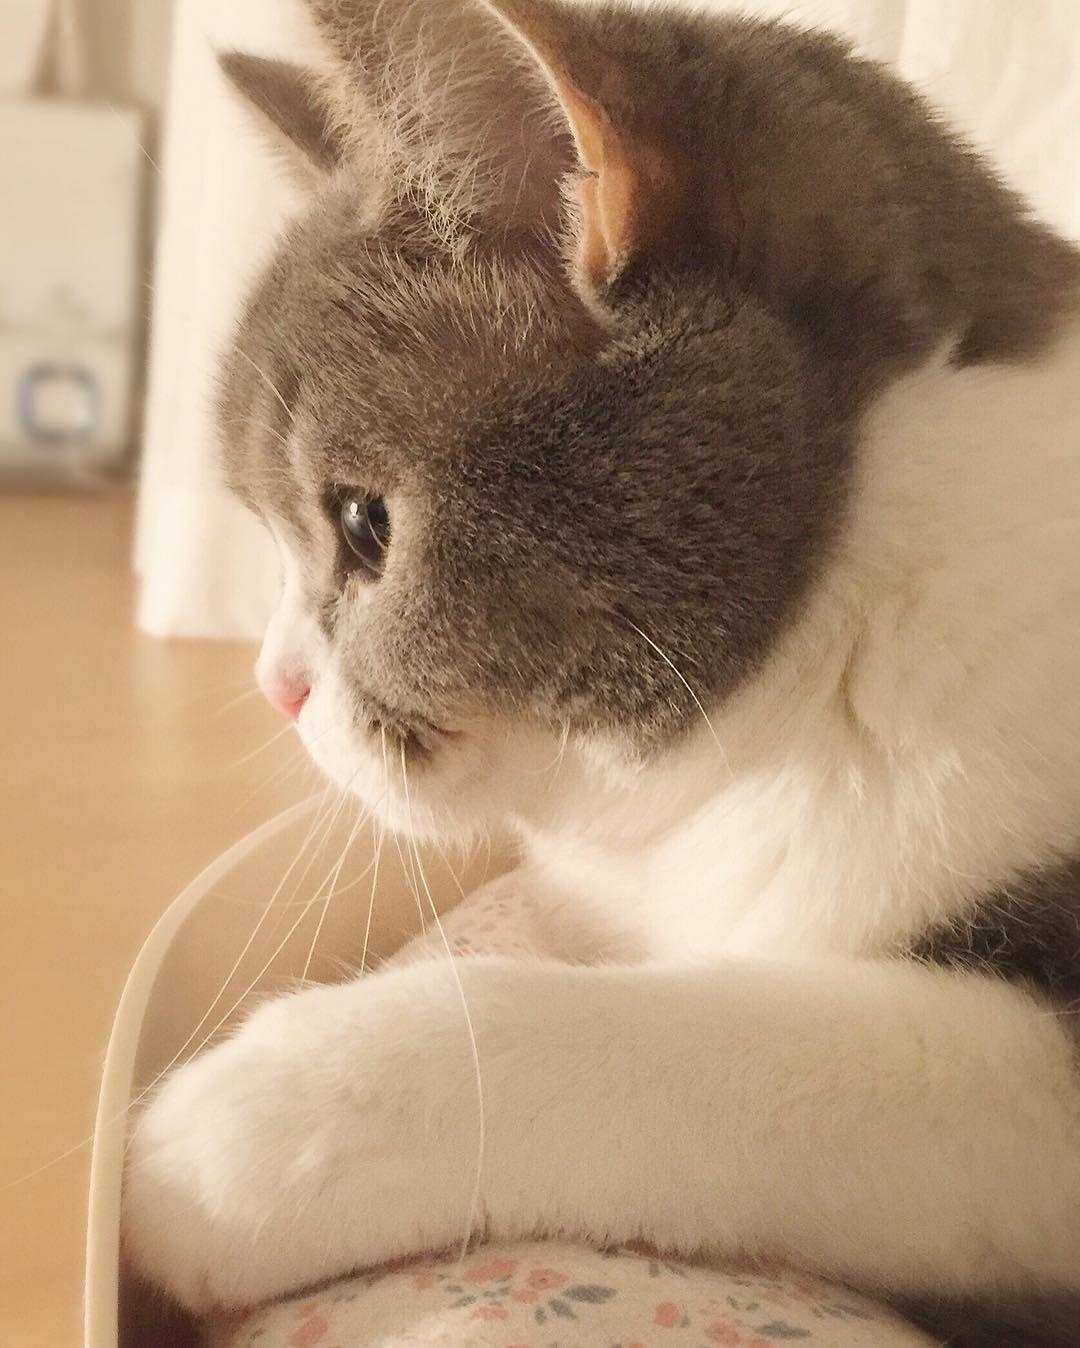 귀여운 시오 왠지 추울때 꺼내보면 따수울 것 같은 사진 #cat #sio #핑크코 #흰주댕이 #귀엽시오 by 1room1cat